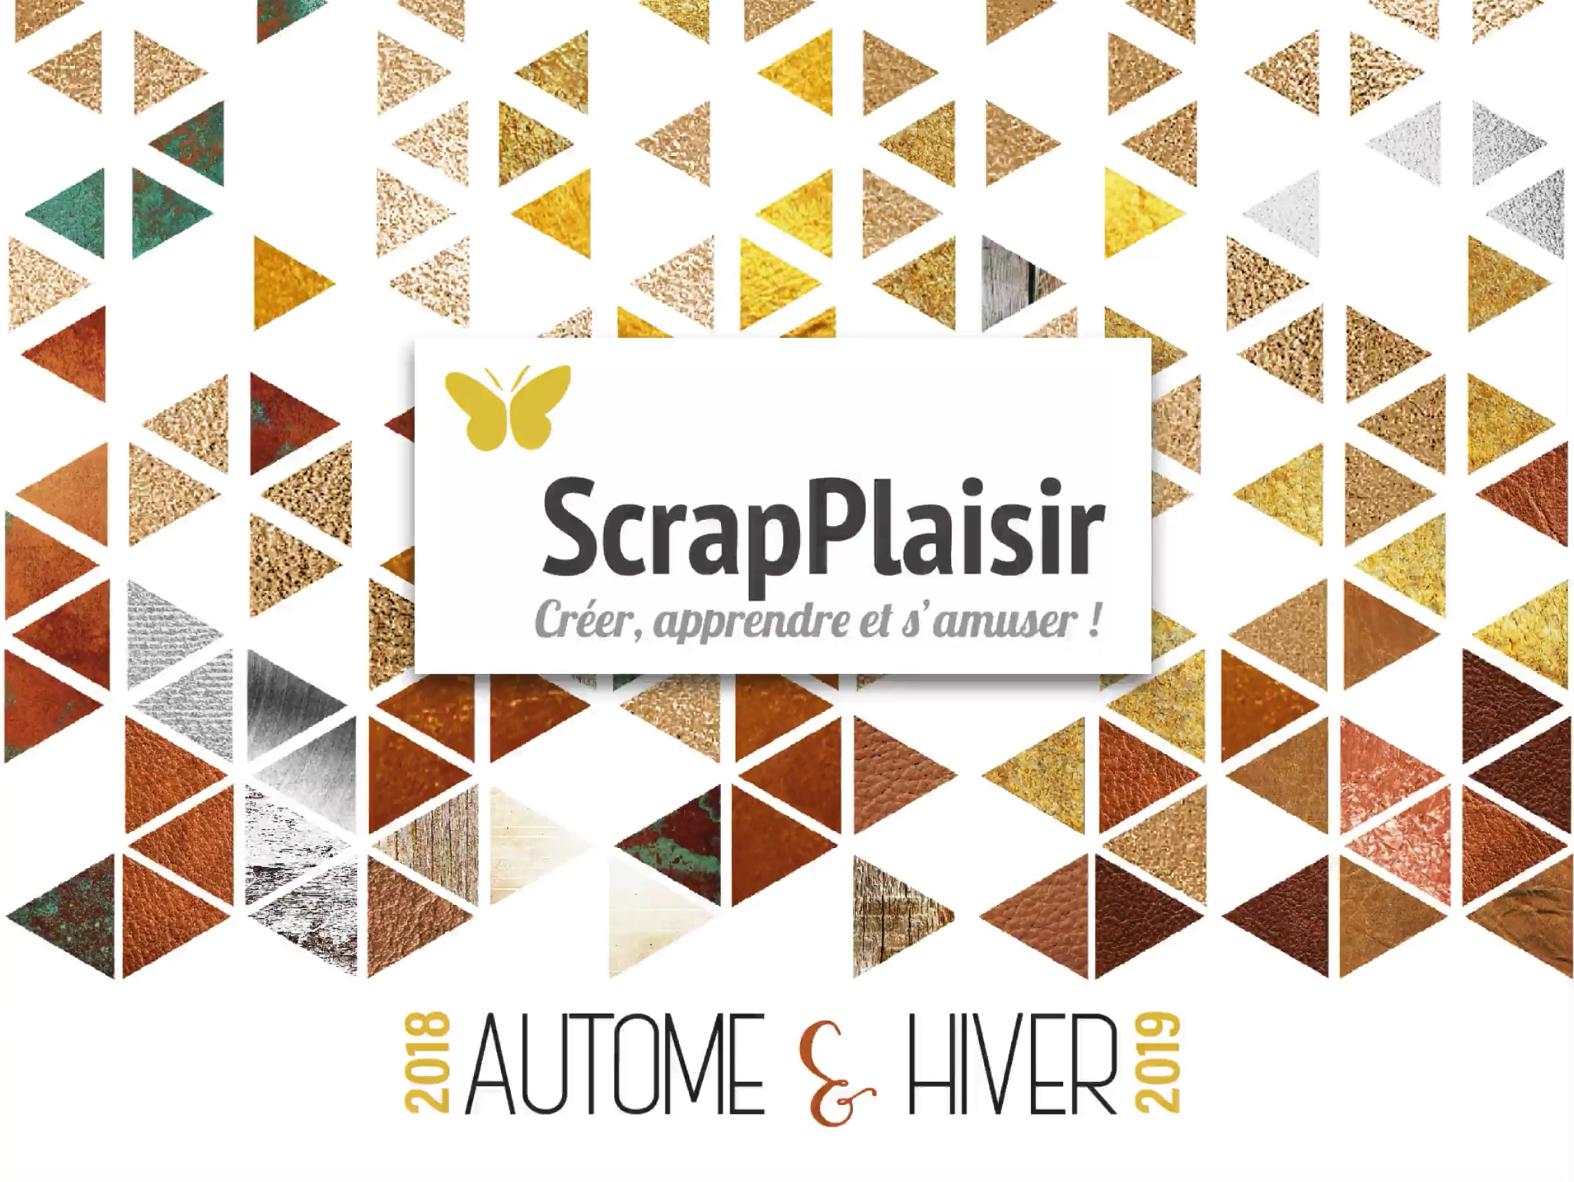 catalogue scrap plaisir saisonnier automne hiver 2018